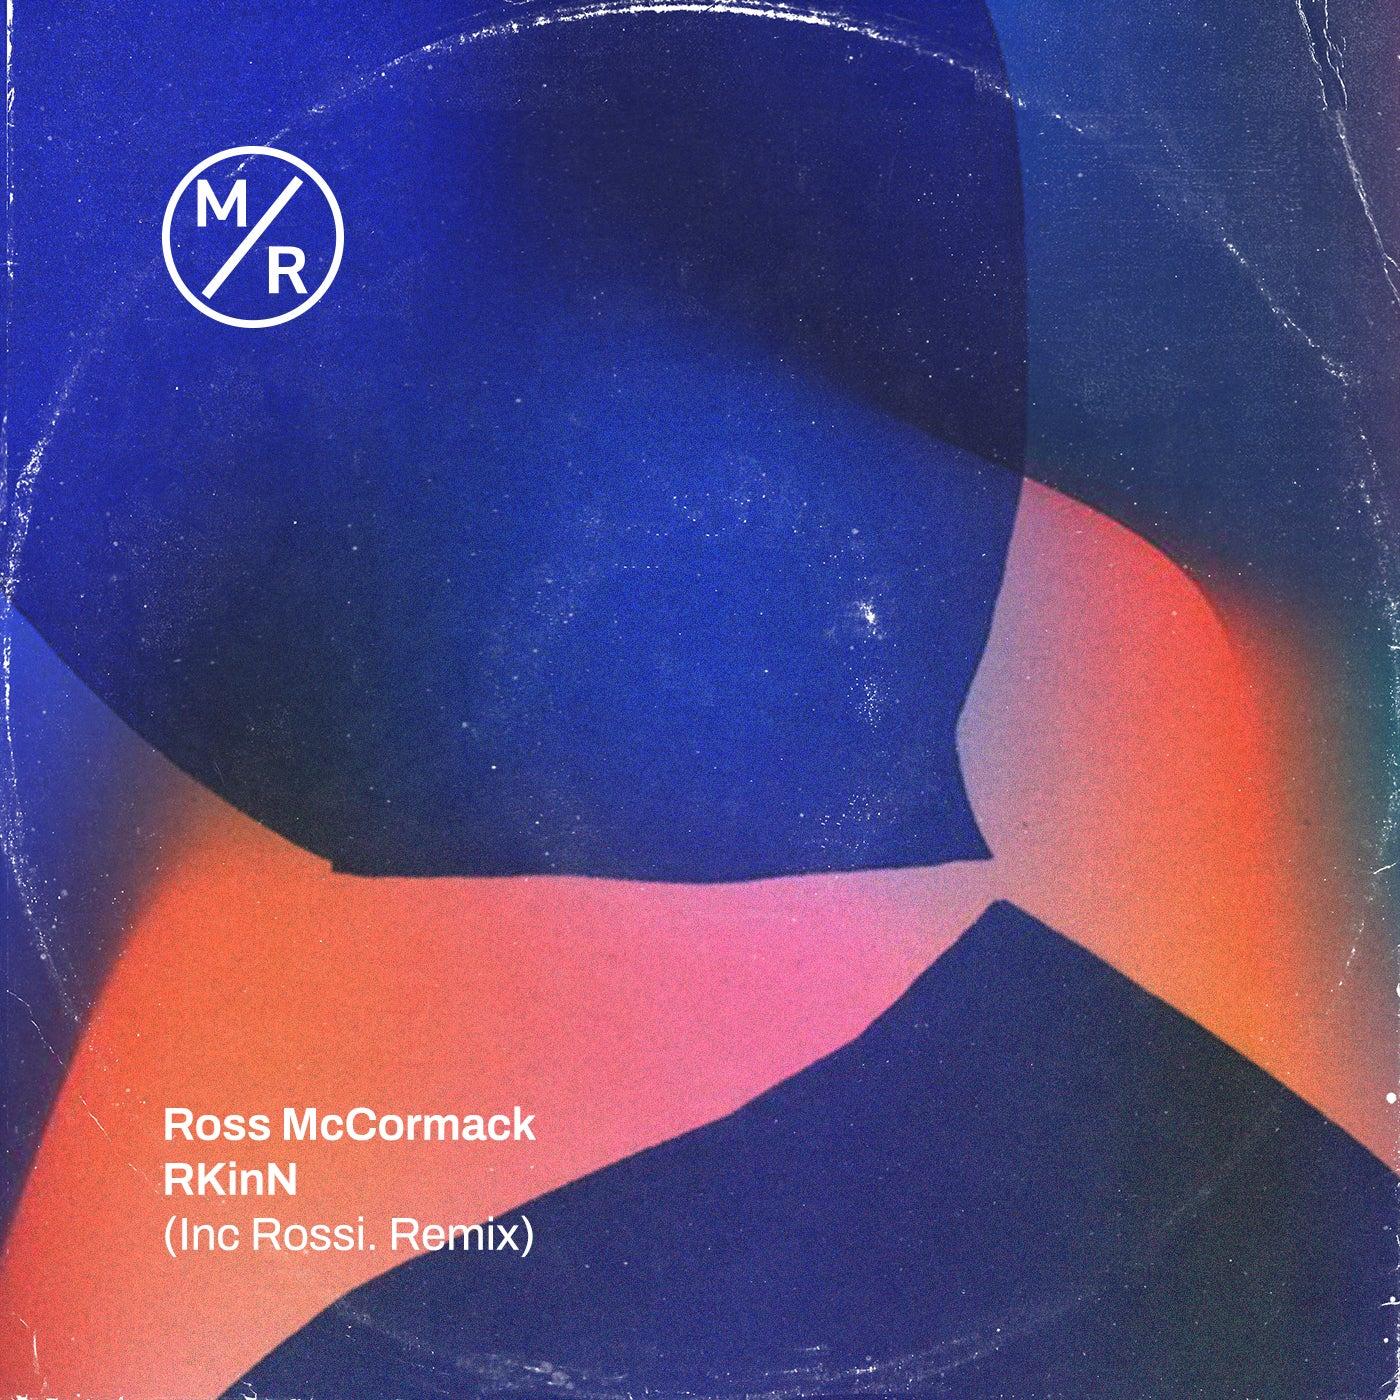 RKinN (Rossi. Remix)